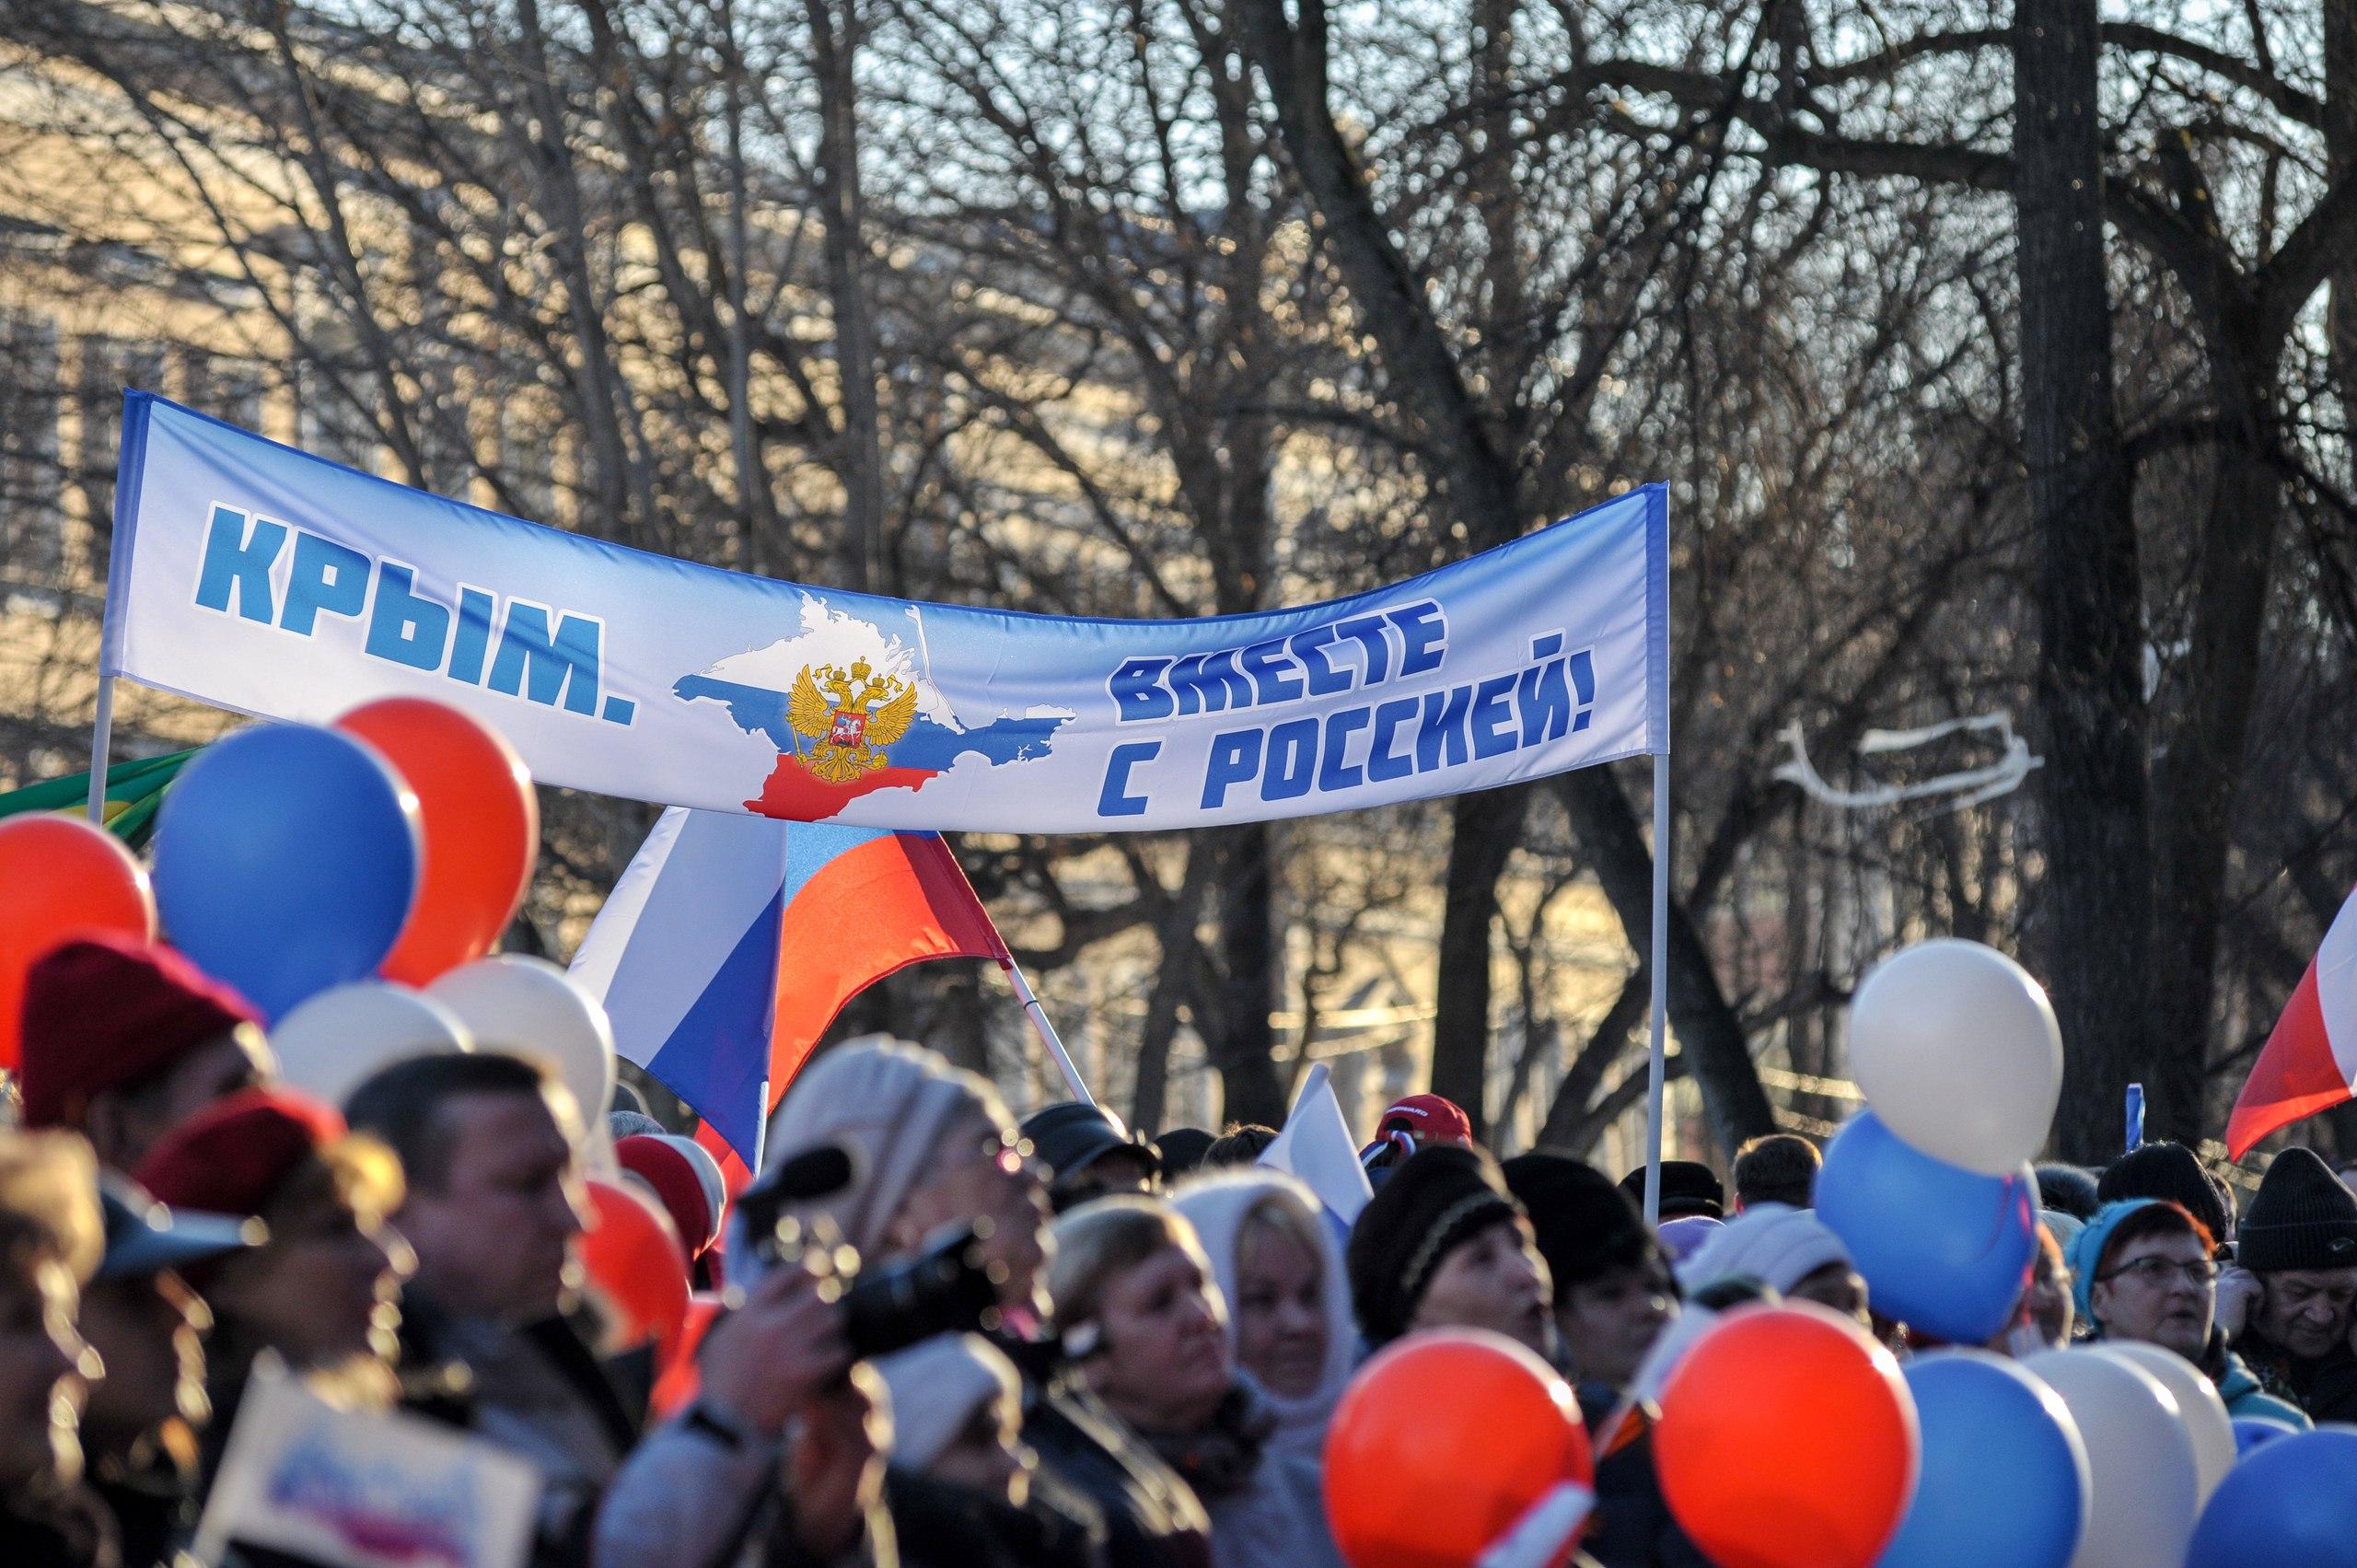 В Перми снова пройдет митинг в честь присоединения Крыма